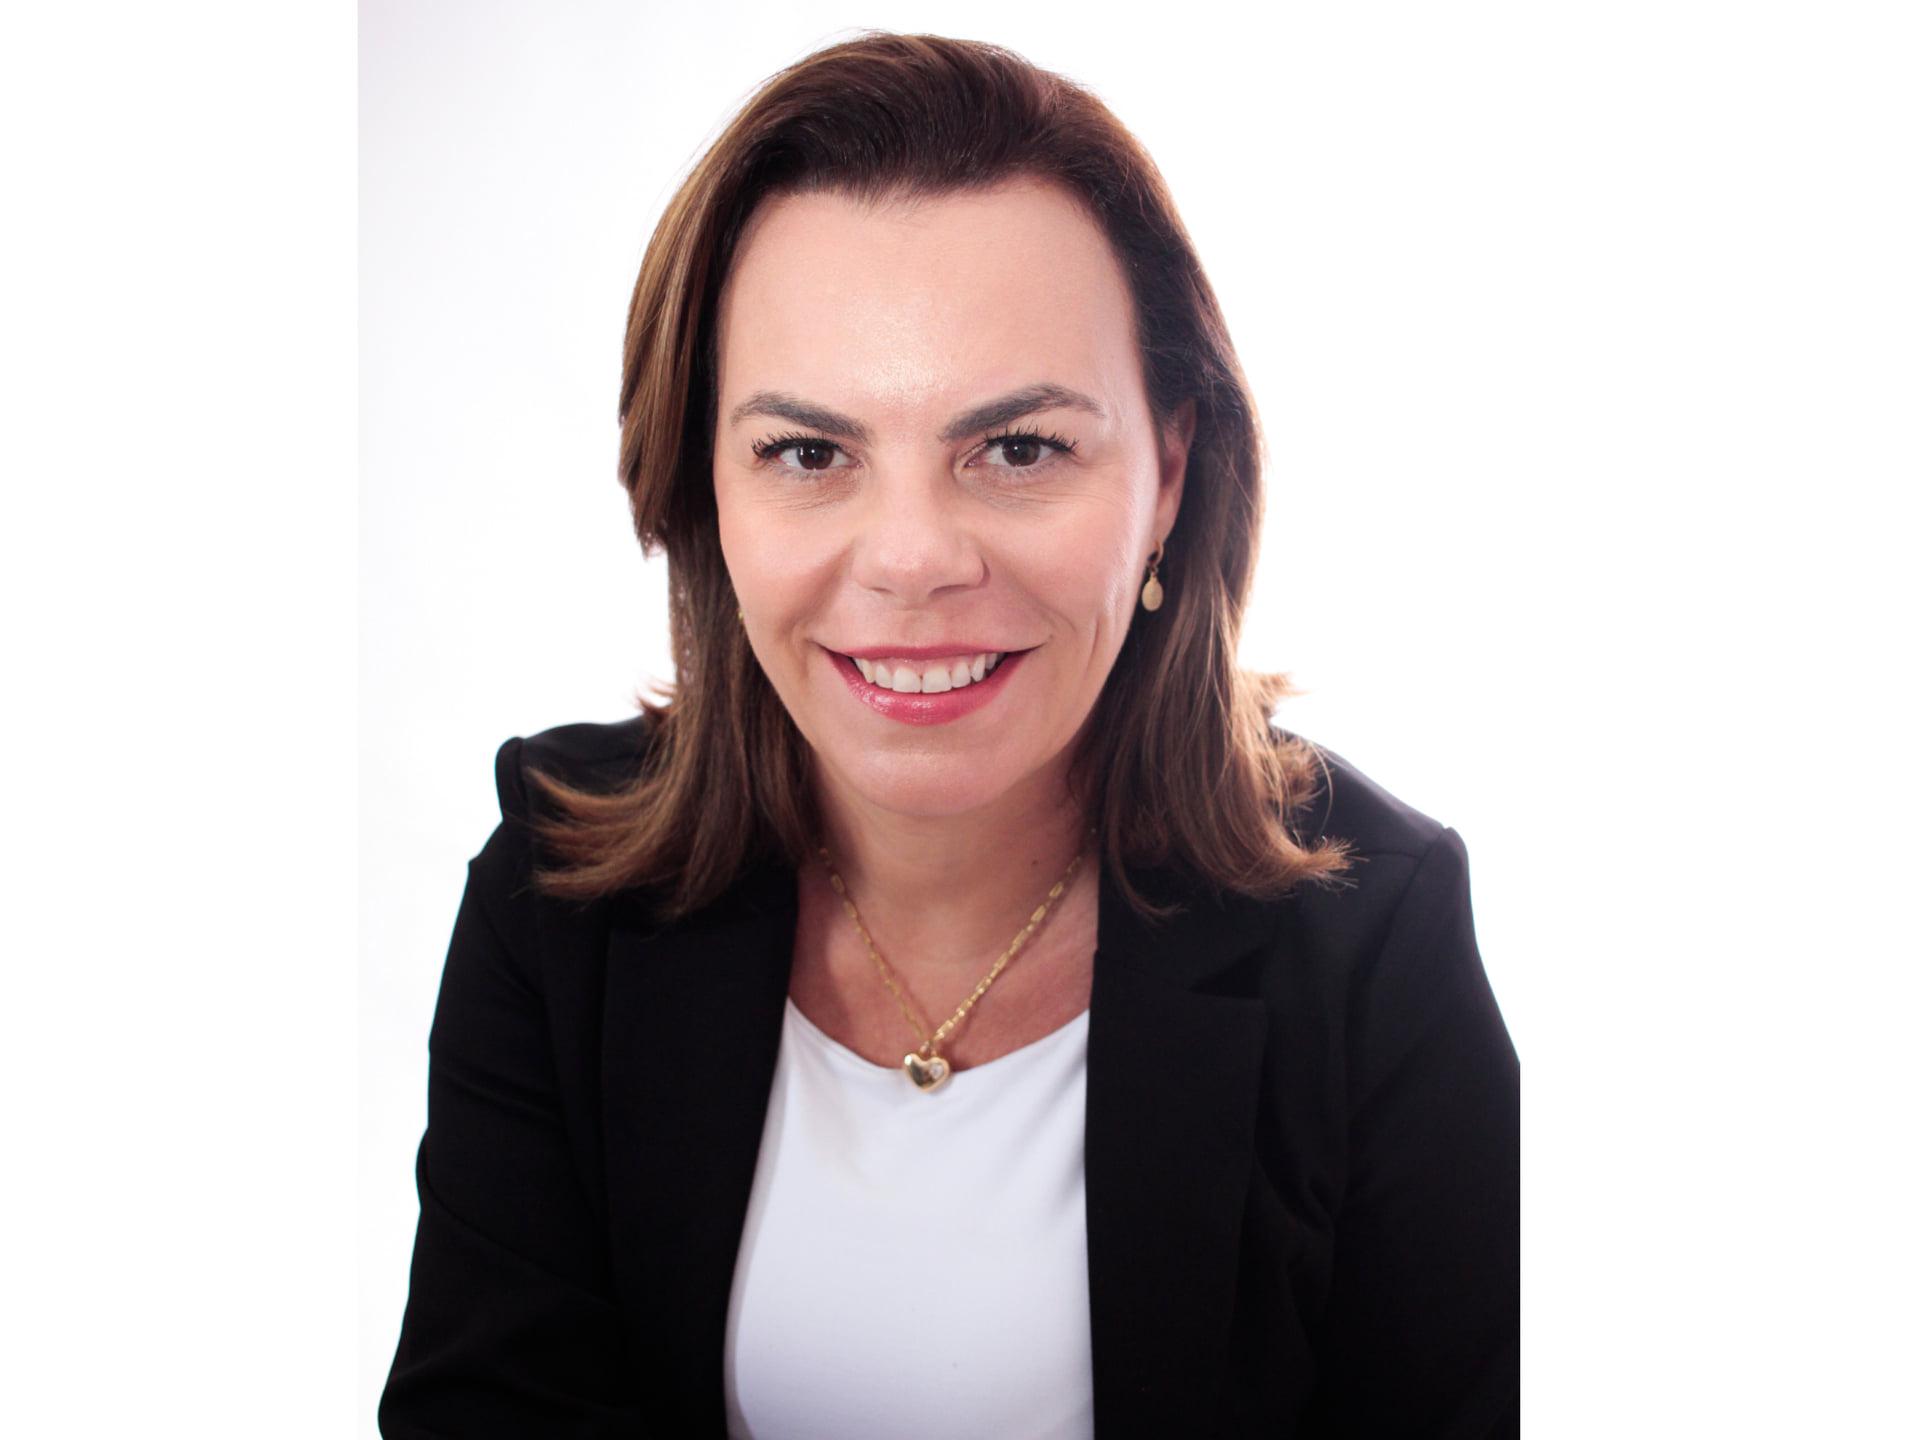 Presidente da ABRAFAC detalha planosda associação para 2021